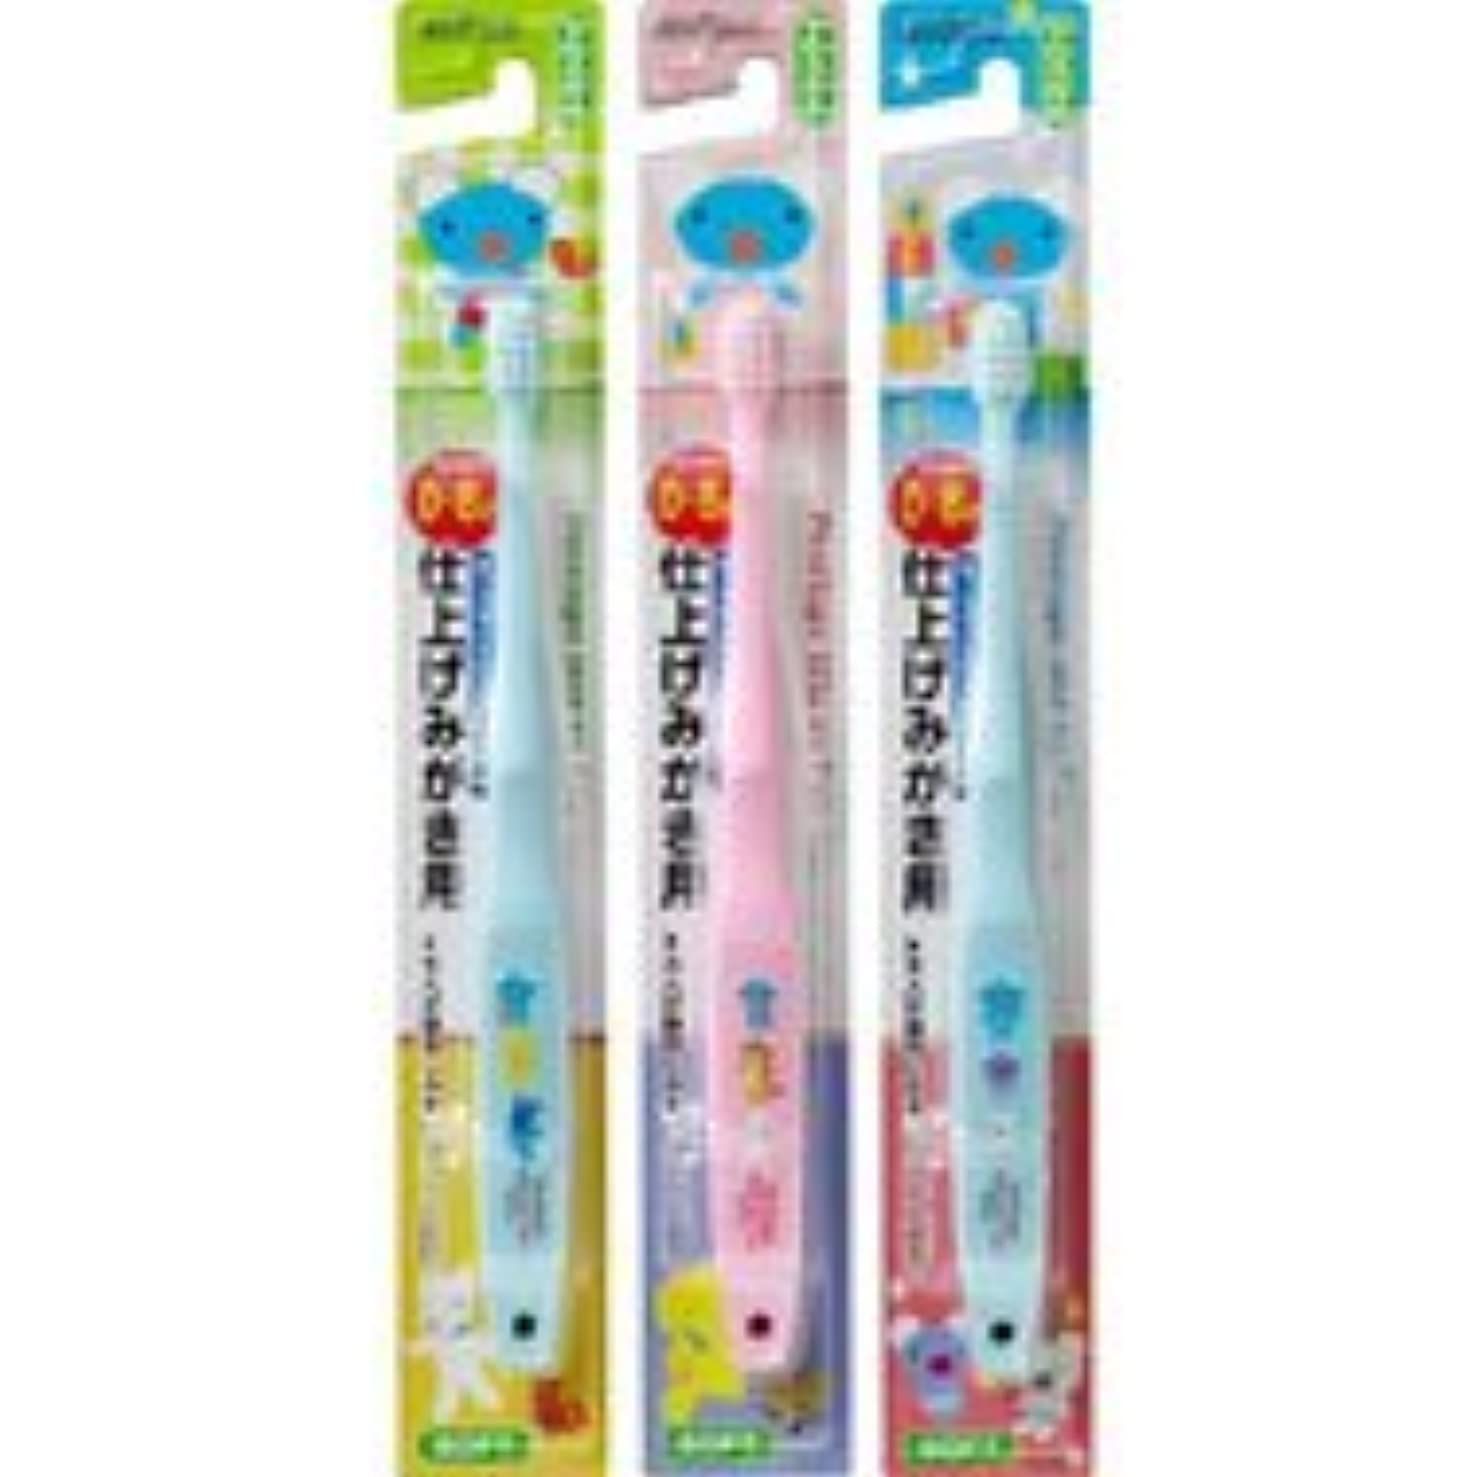 険しい遺伝的降伏ペネロペ仕上げ磨き用歯ブラシ 3本 ※種類は当店お任せとなります